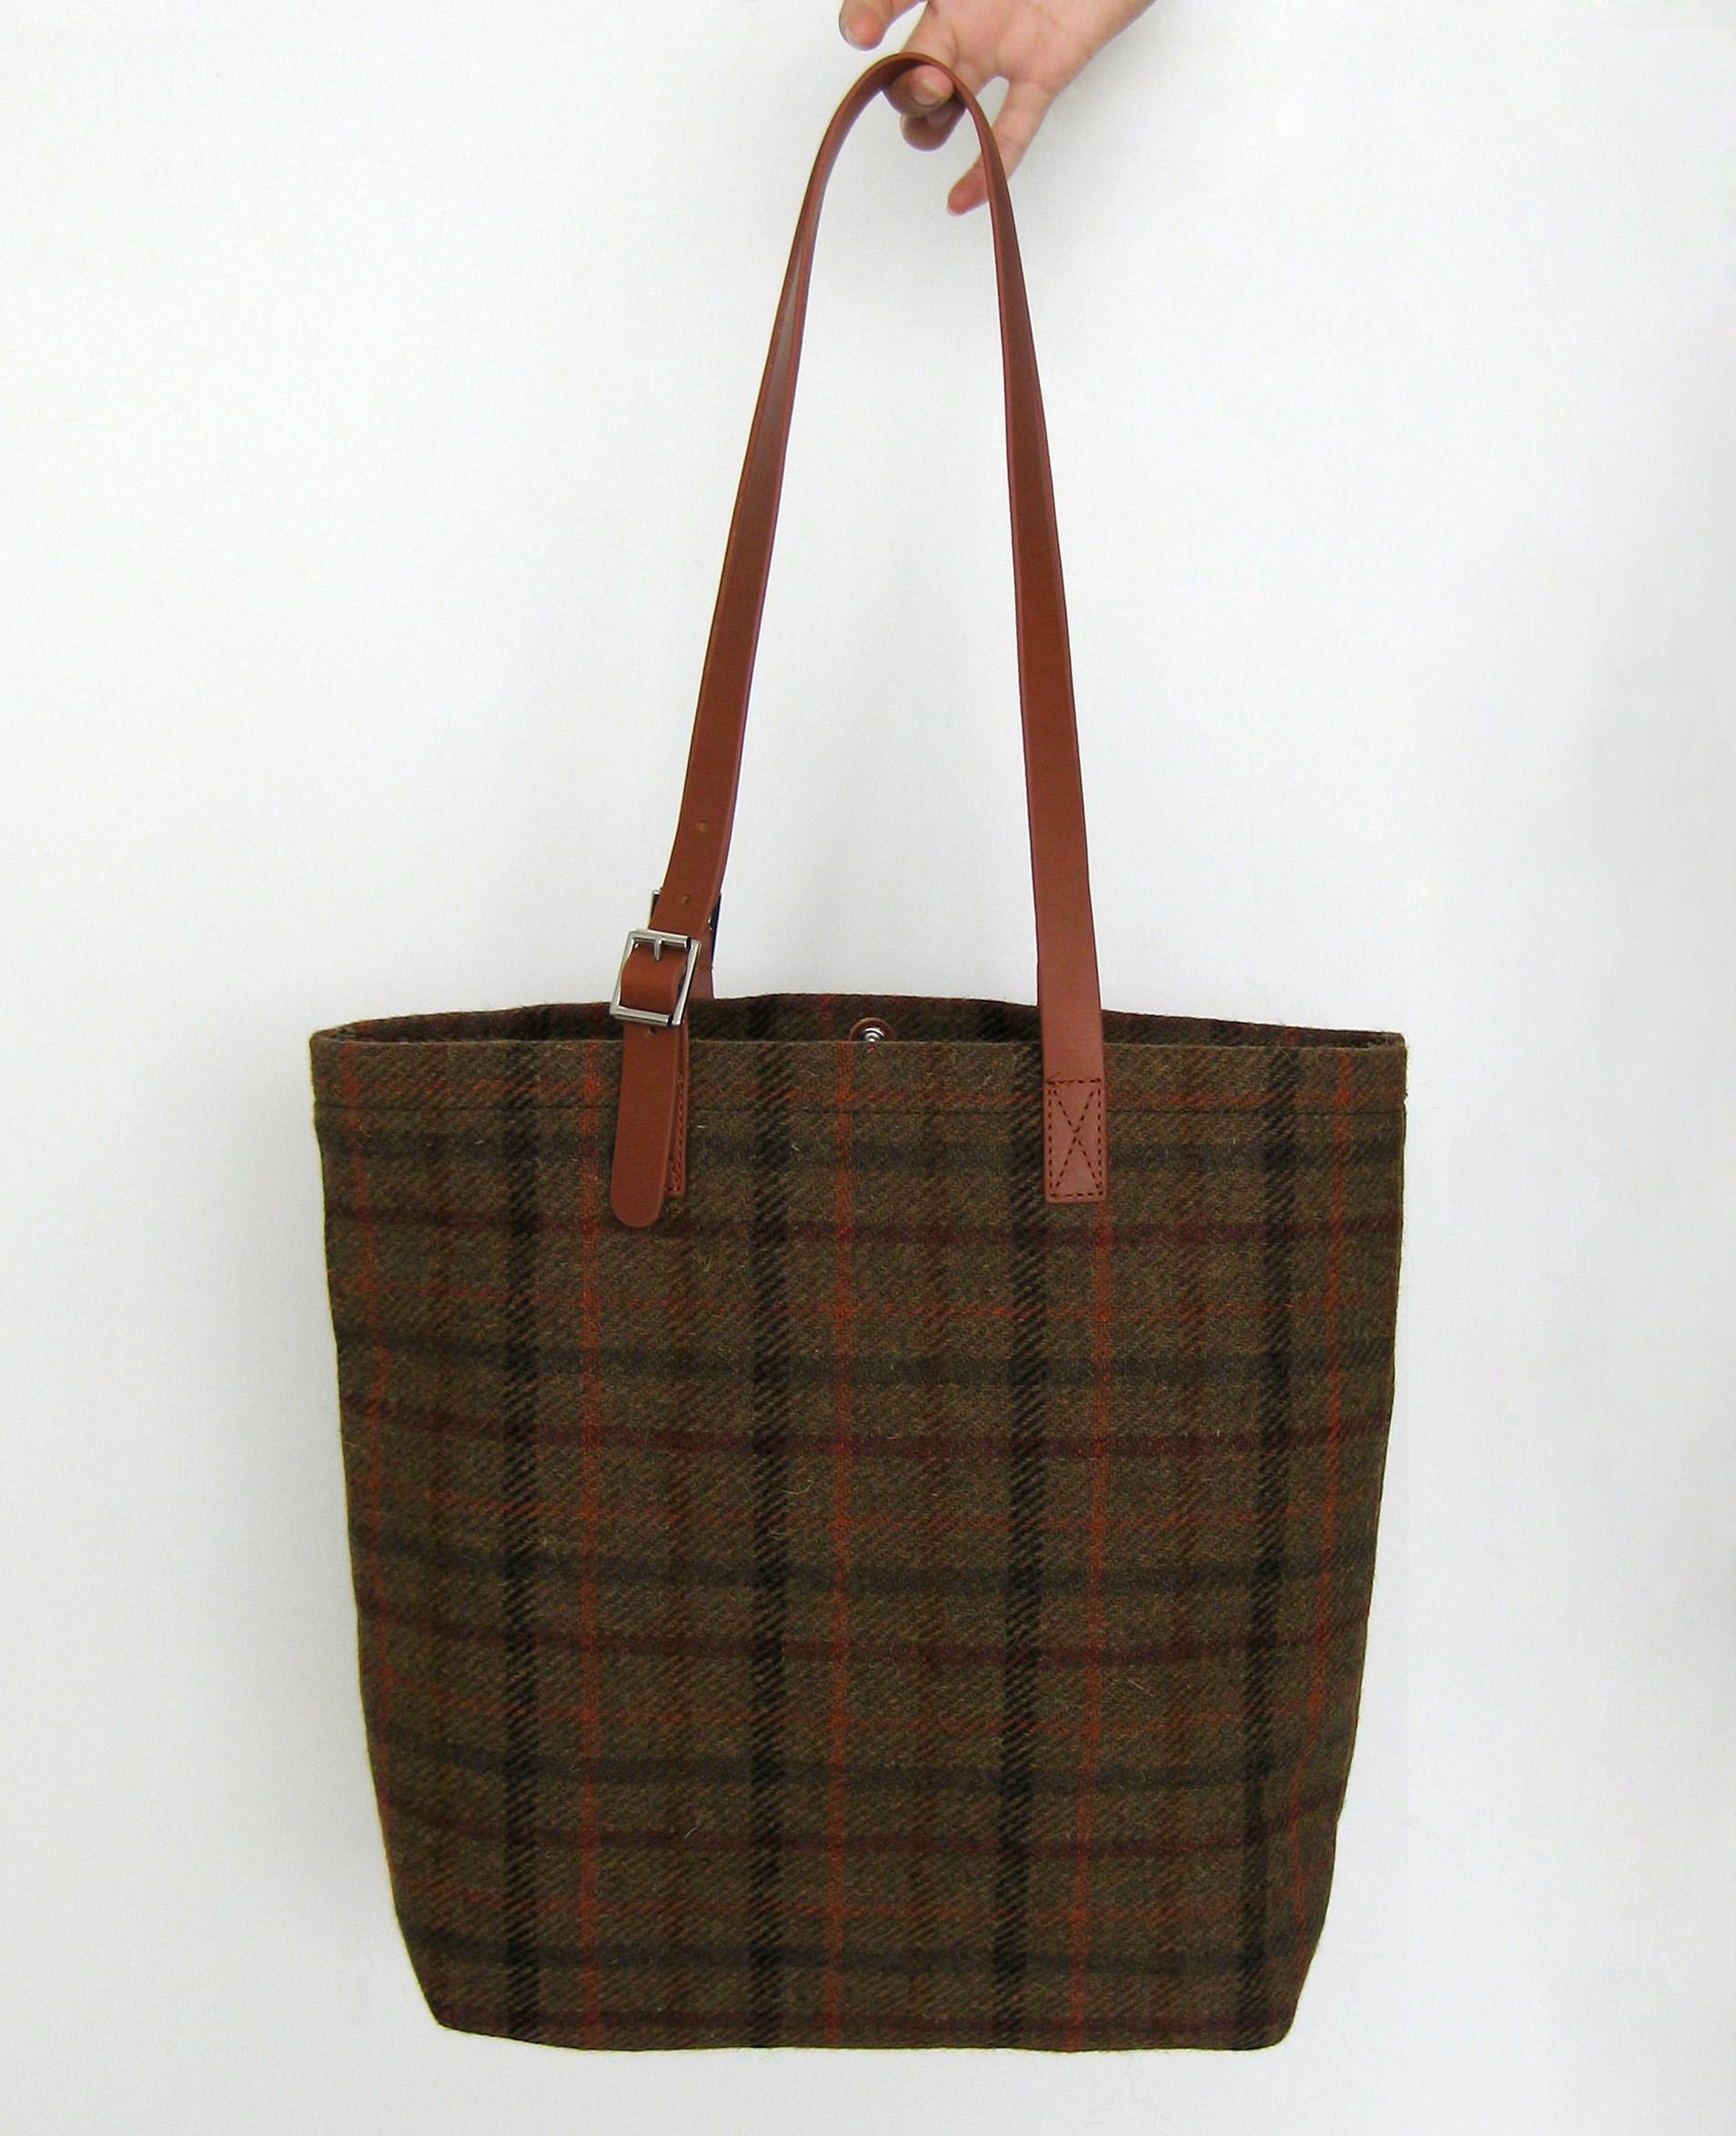 Carré Royal bag Giveaway-Concours!